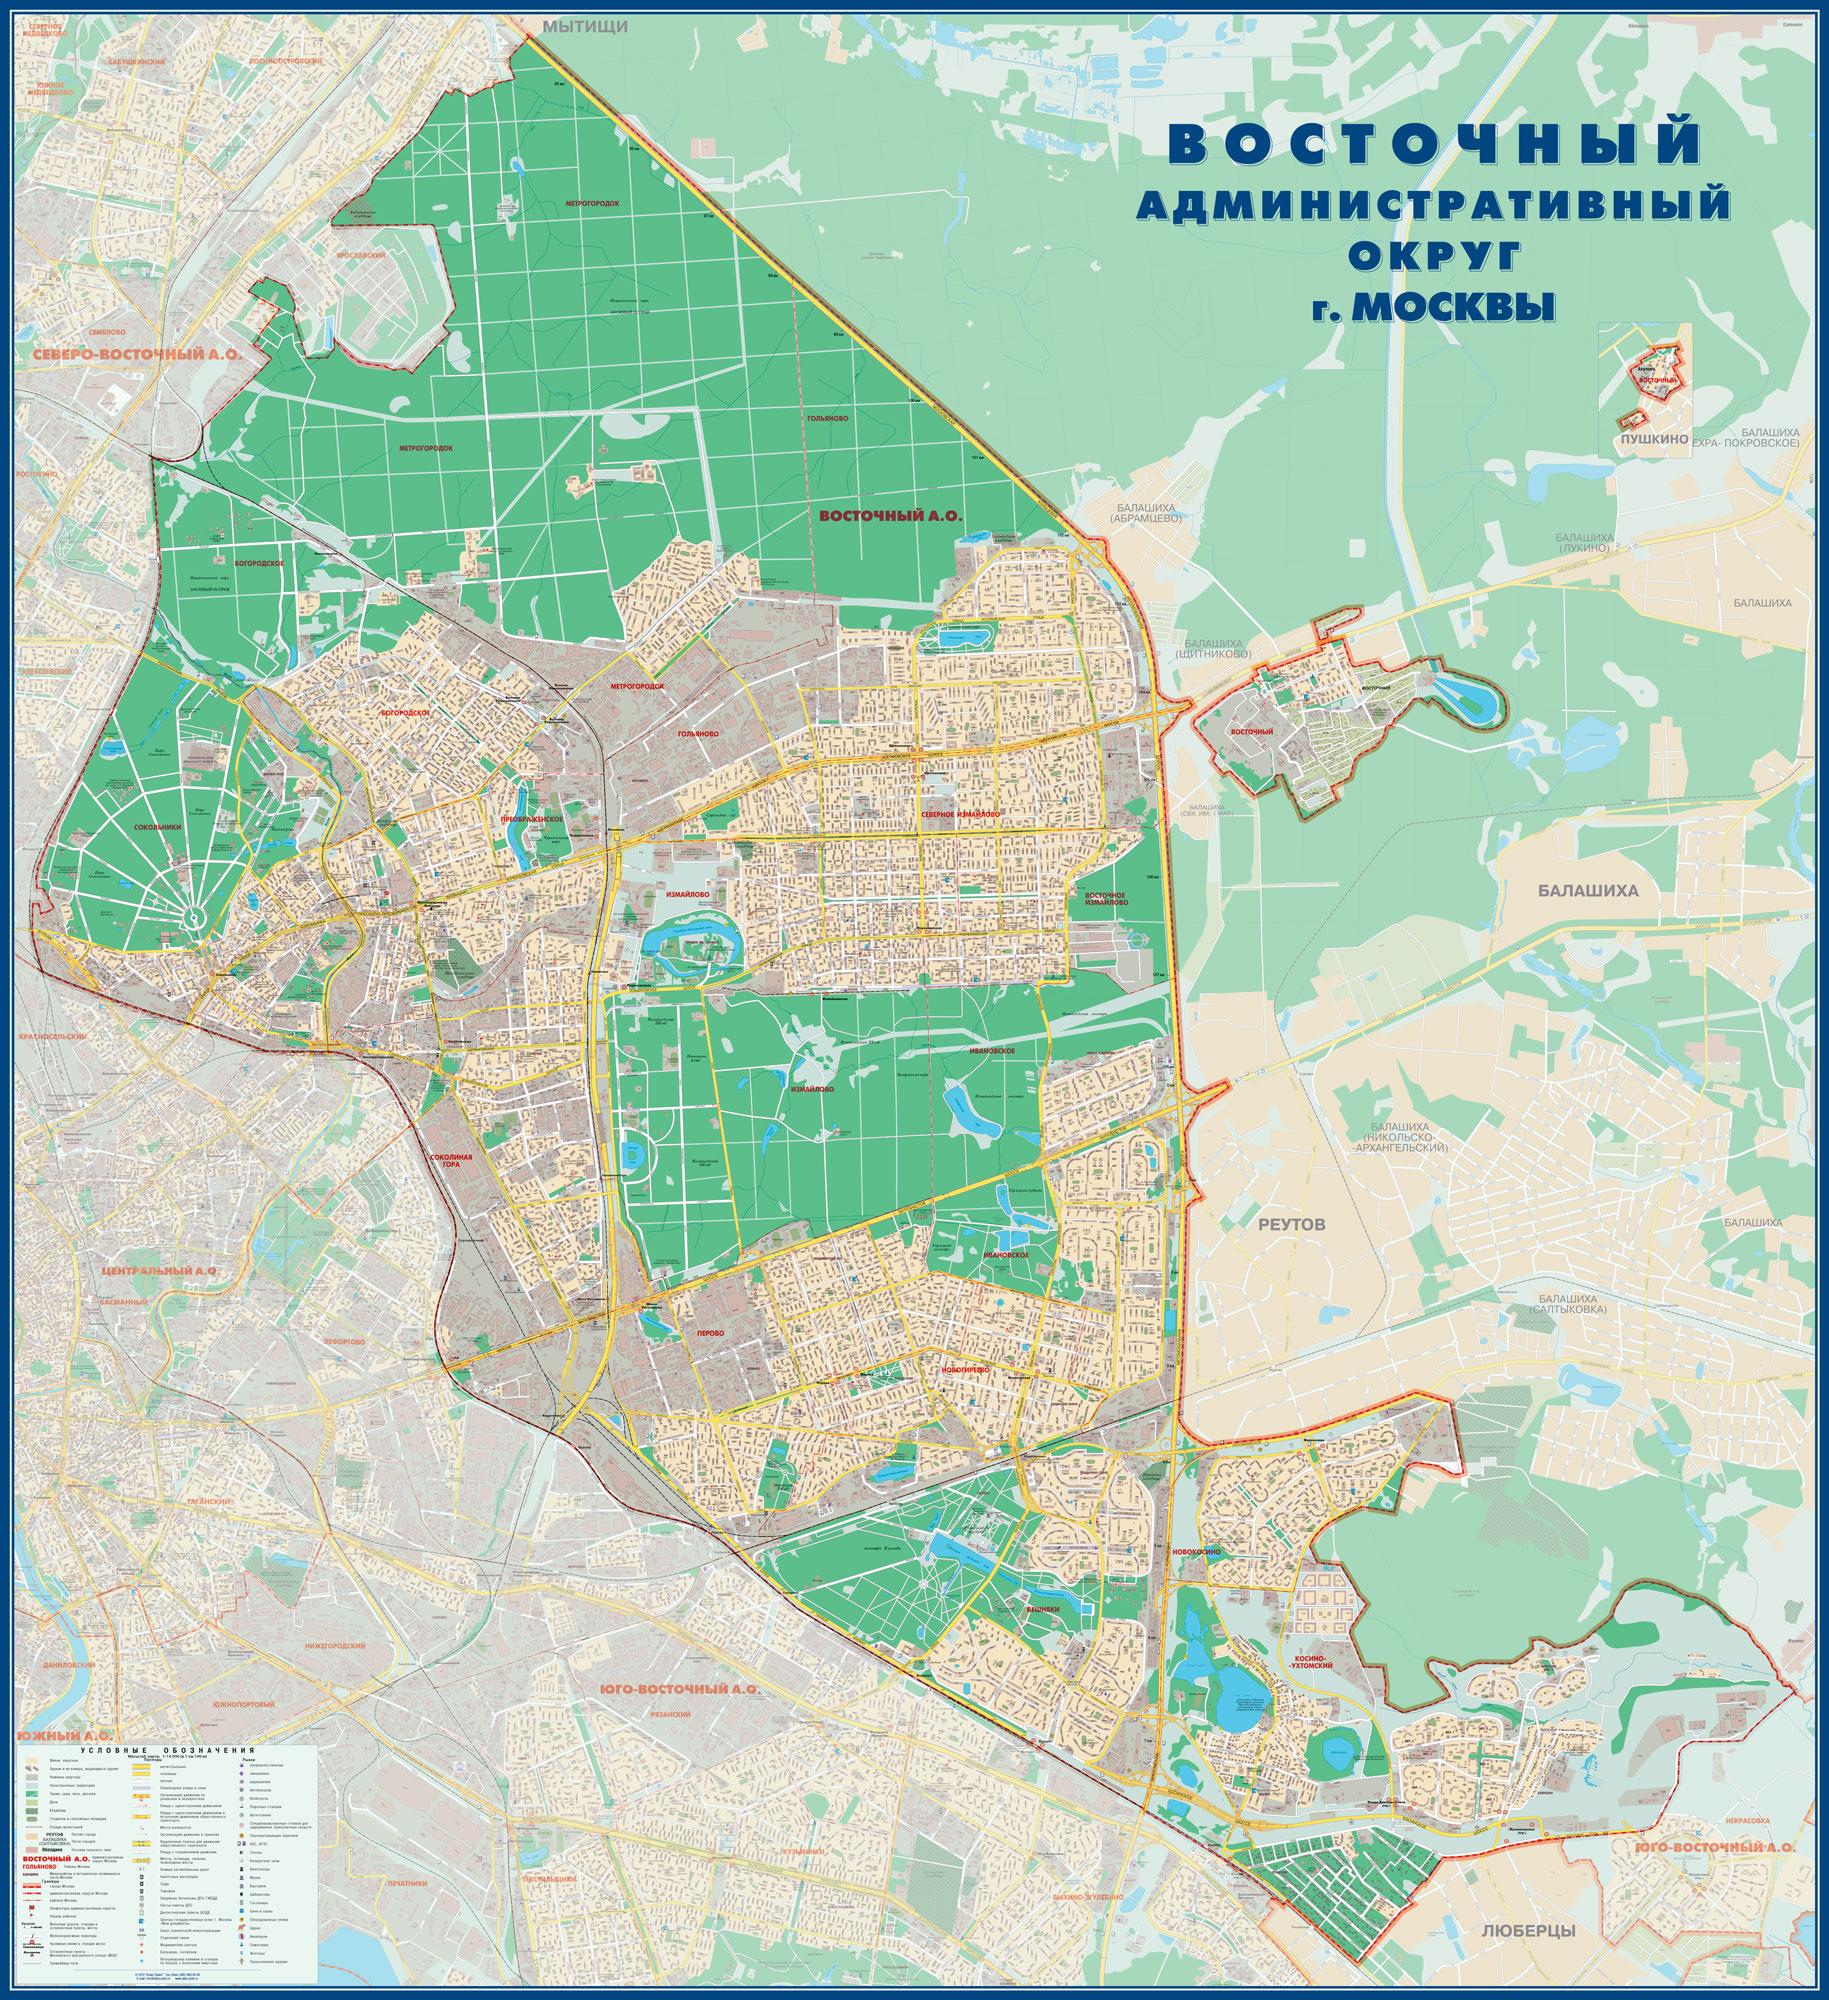 Настенная карта Восточного административного округа Москвы. ВАО размер 1,50х1,65 м. выполняется на заказ